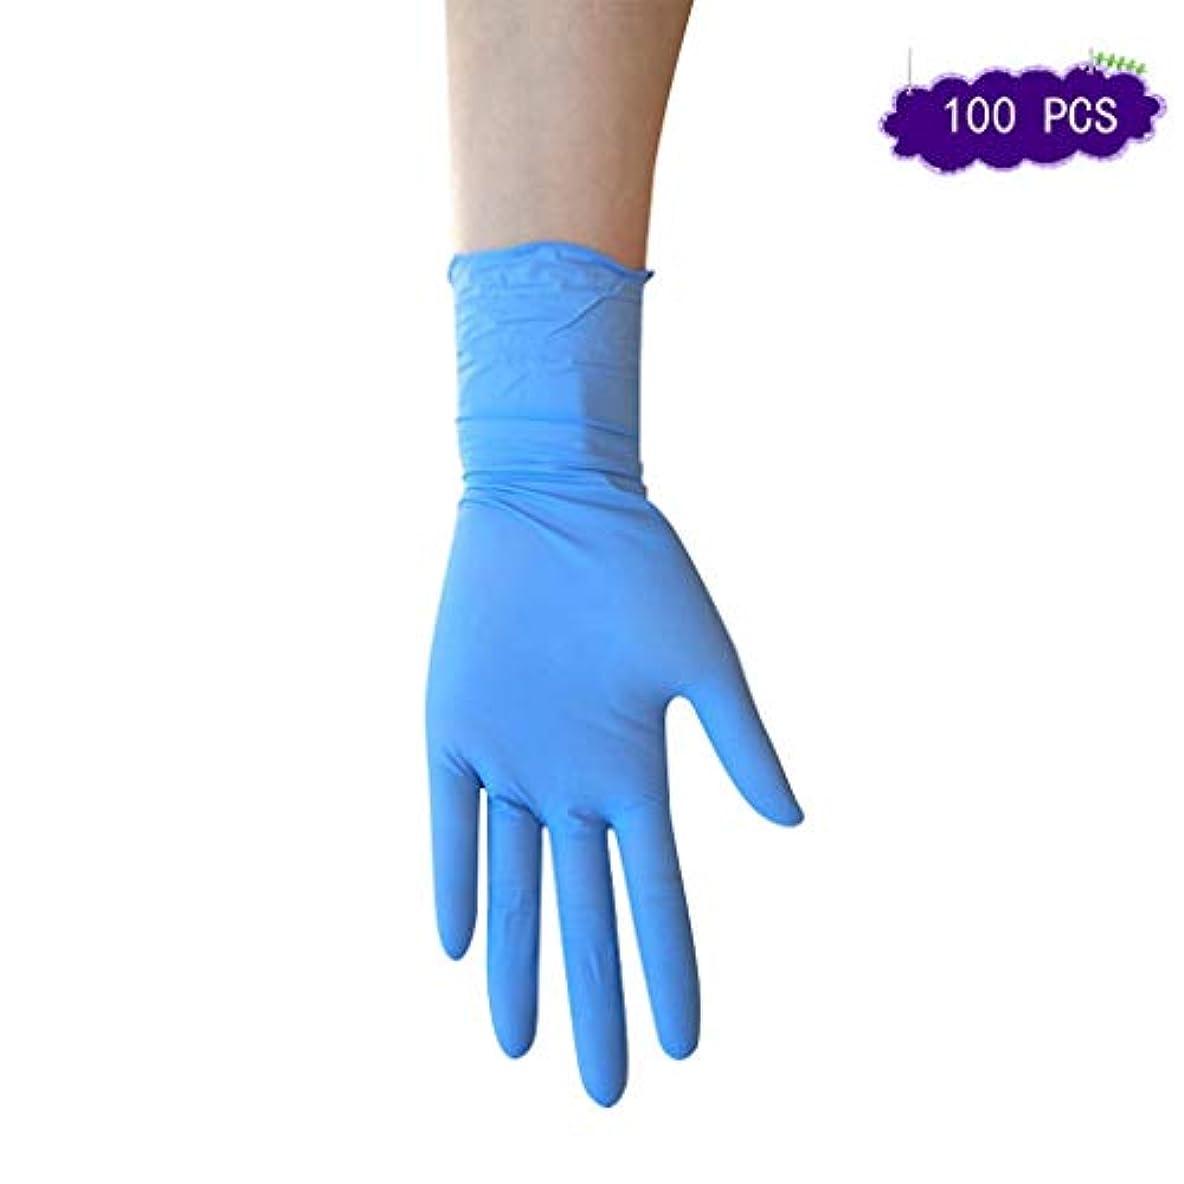 蓋ハブブくちばし使い捨てラテックス手袋ニトリル低温保護医療滅菌手袋9インチブルースキッド手袋なしパウダー (Color : 9 inch, Size : S)